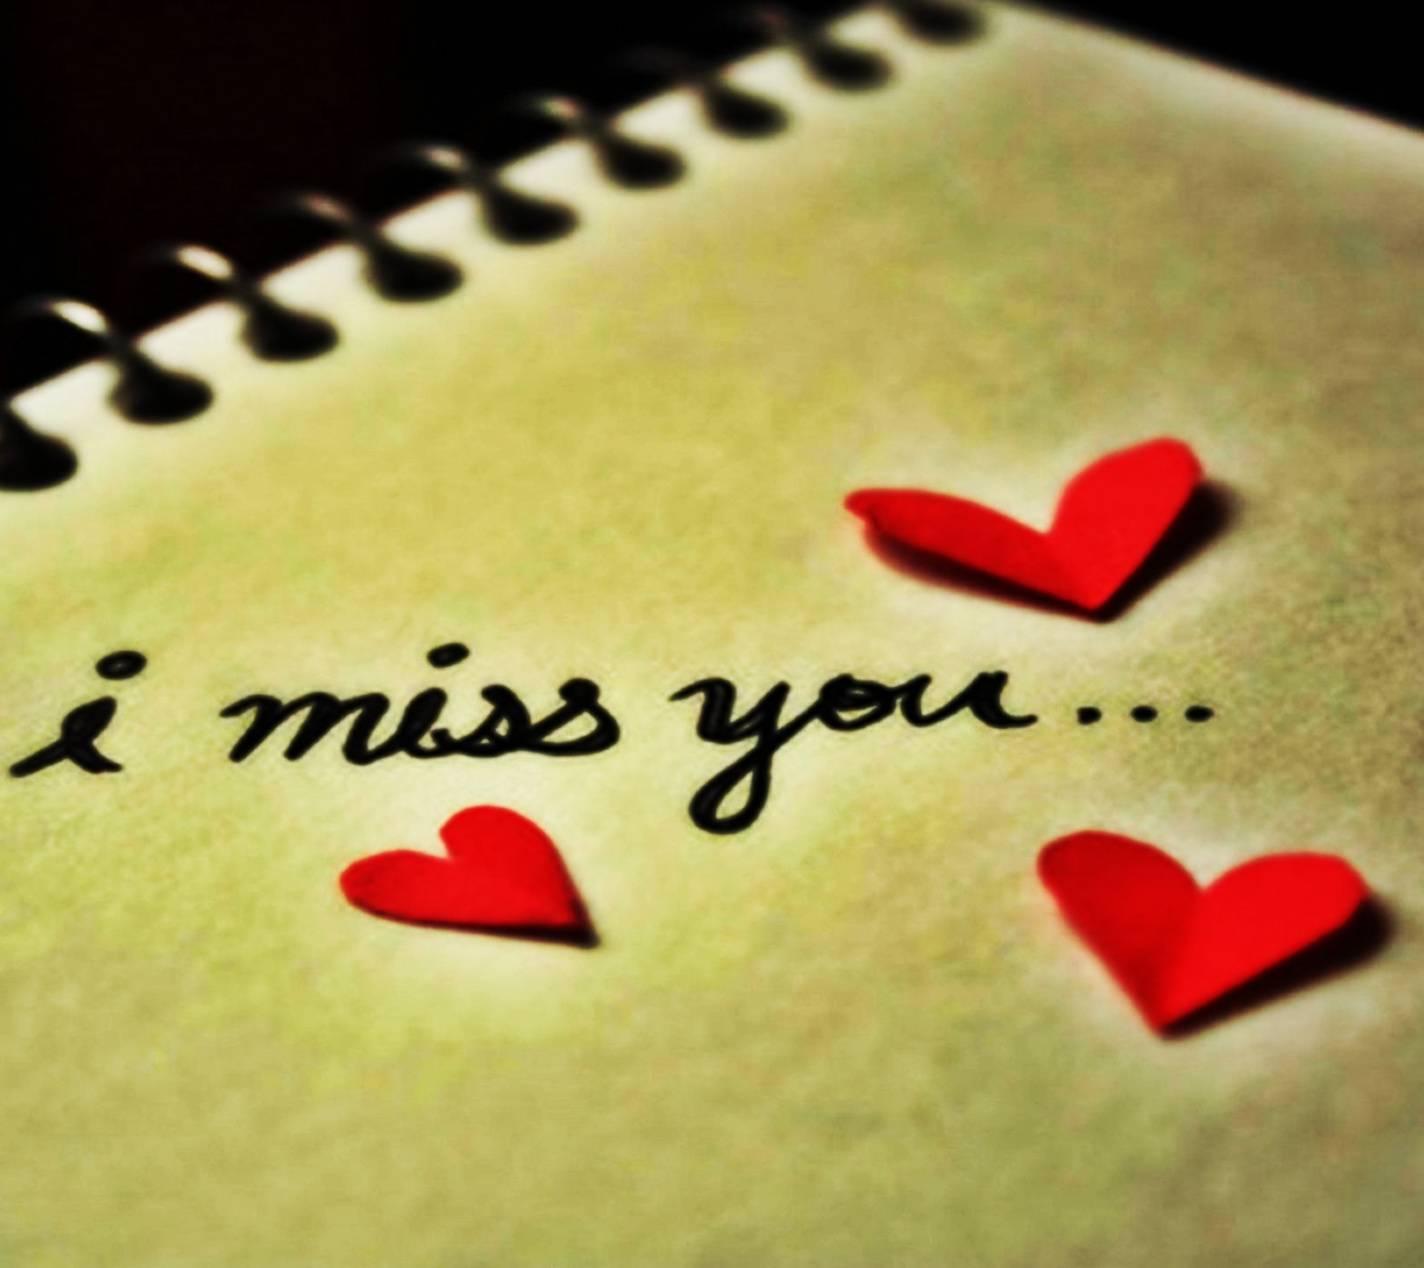 Картинки про любовь с надписью скучаю, компьютер смешные